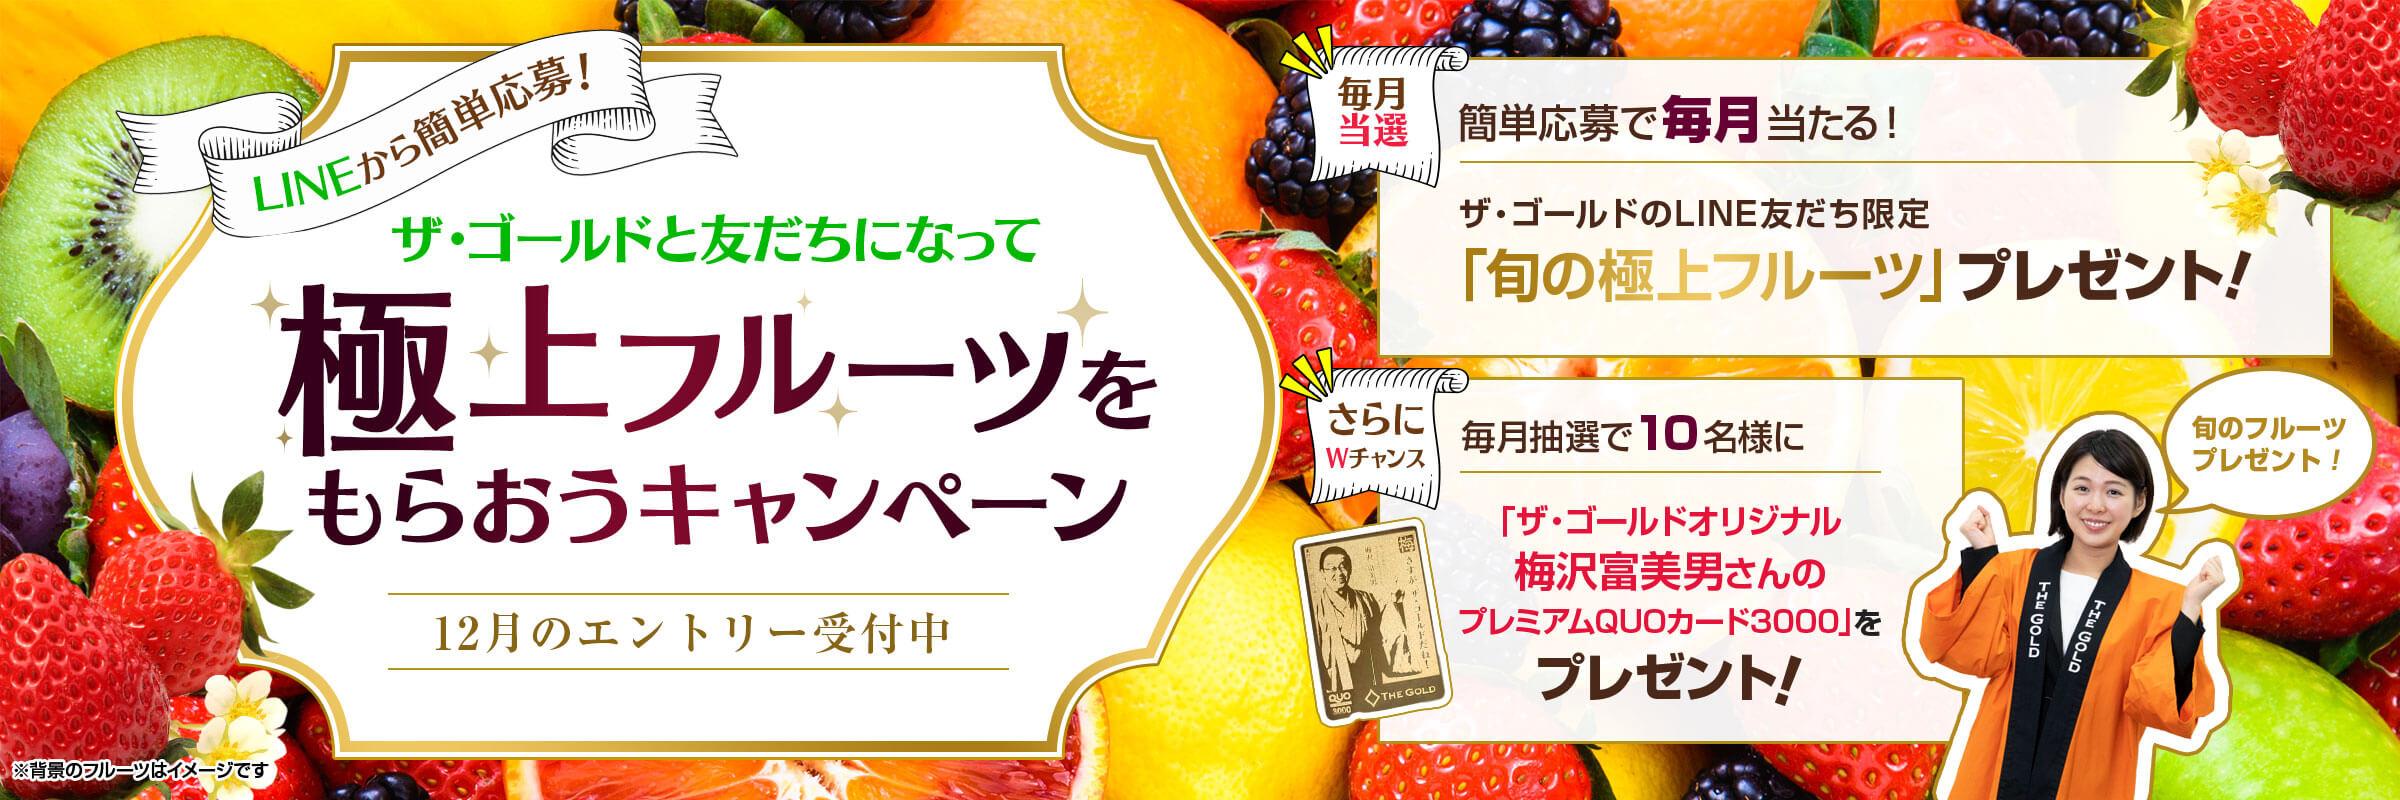 極上フルーツをもらおうキャンペーン